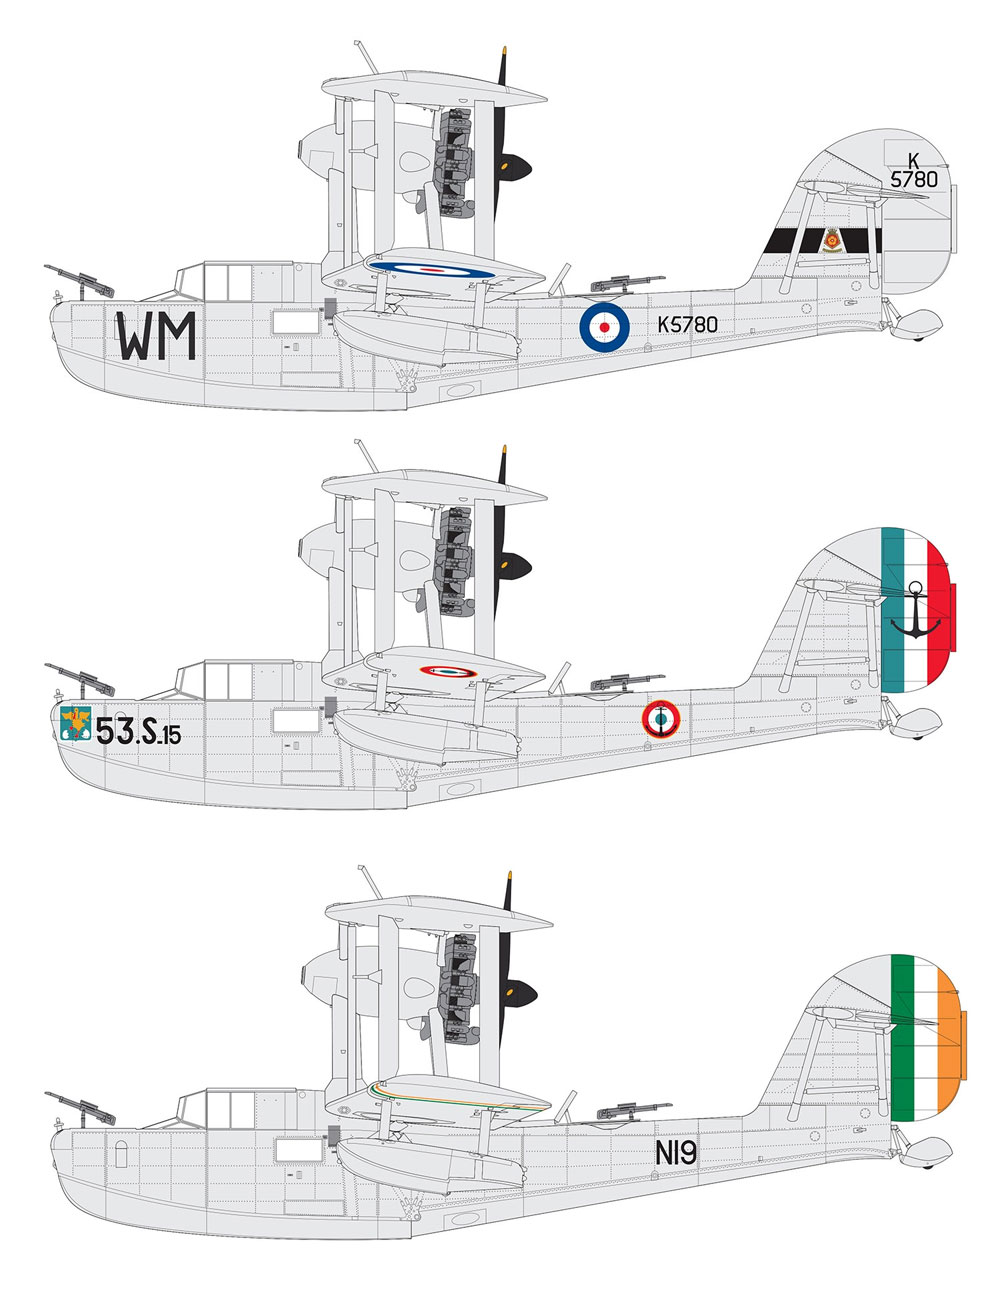 スーパーマリーン ウォーラス Mk.1 シルバーウイングスプラモデル(エアフィックス1/48 ミリタリーエアクラフトNo.A09187)商品画像_1